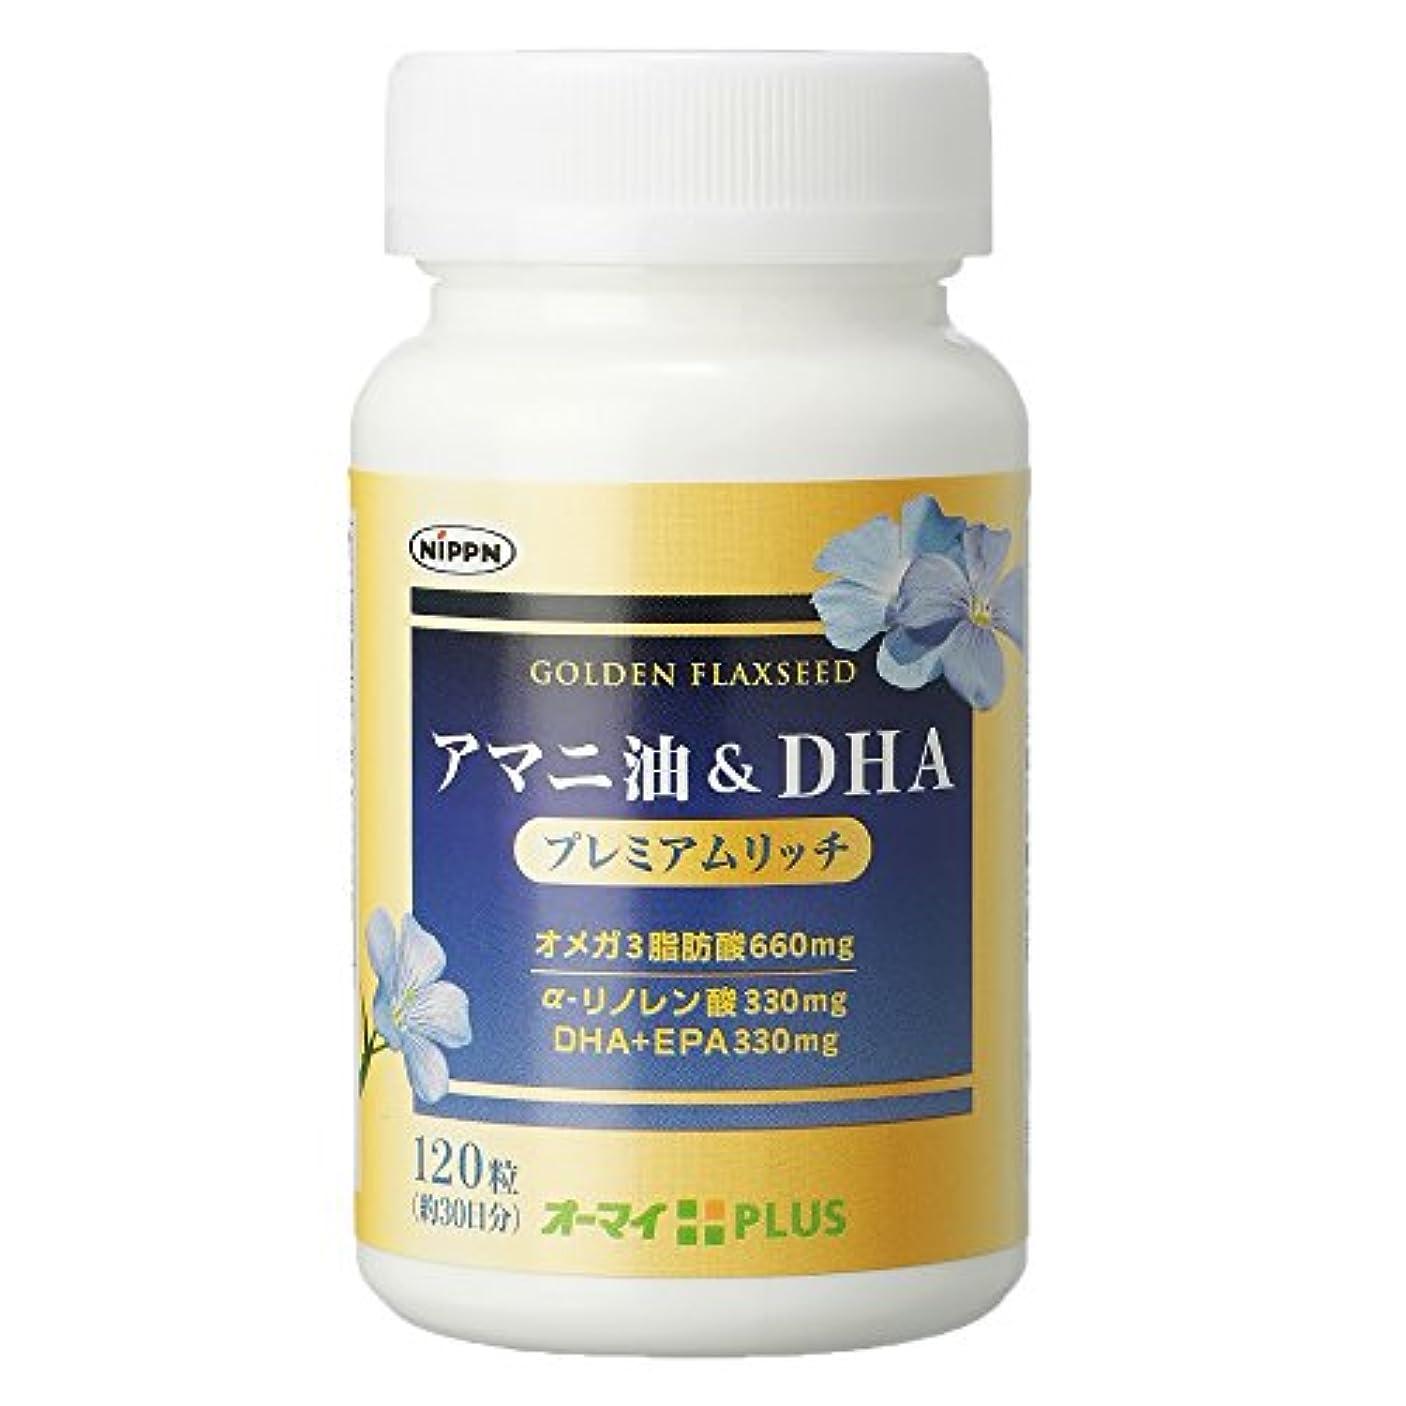 粒子頭痛発見するアマニ油&DHA プレミアムリッチ 120粒(約30日分)